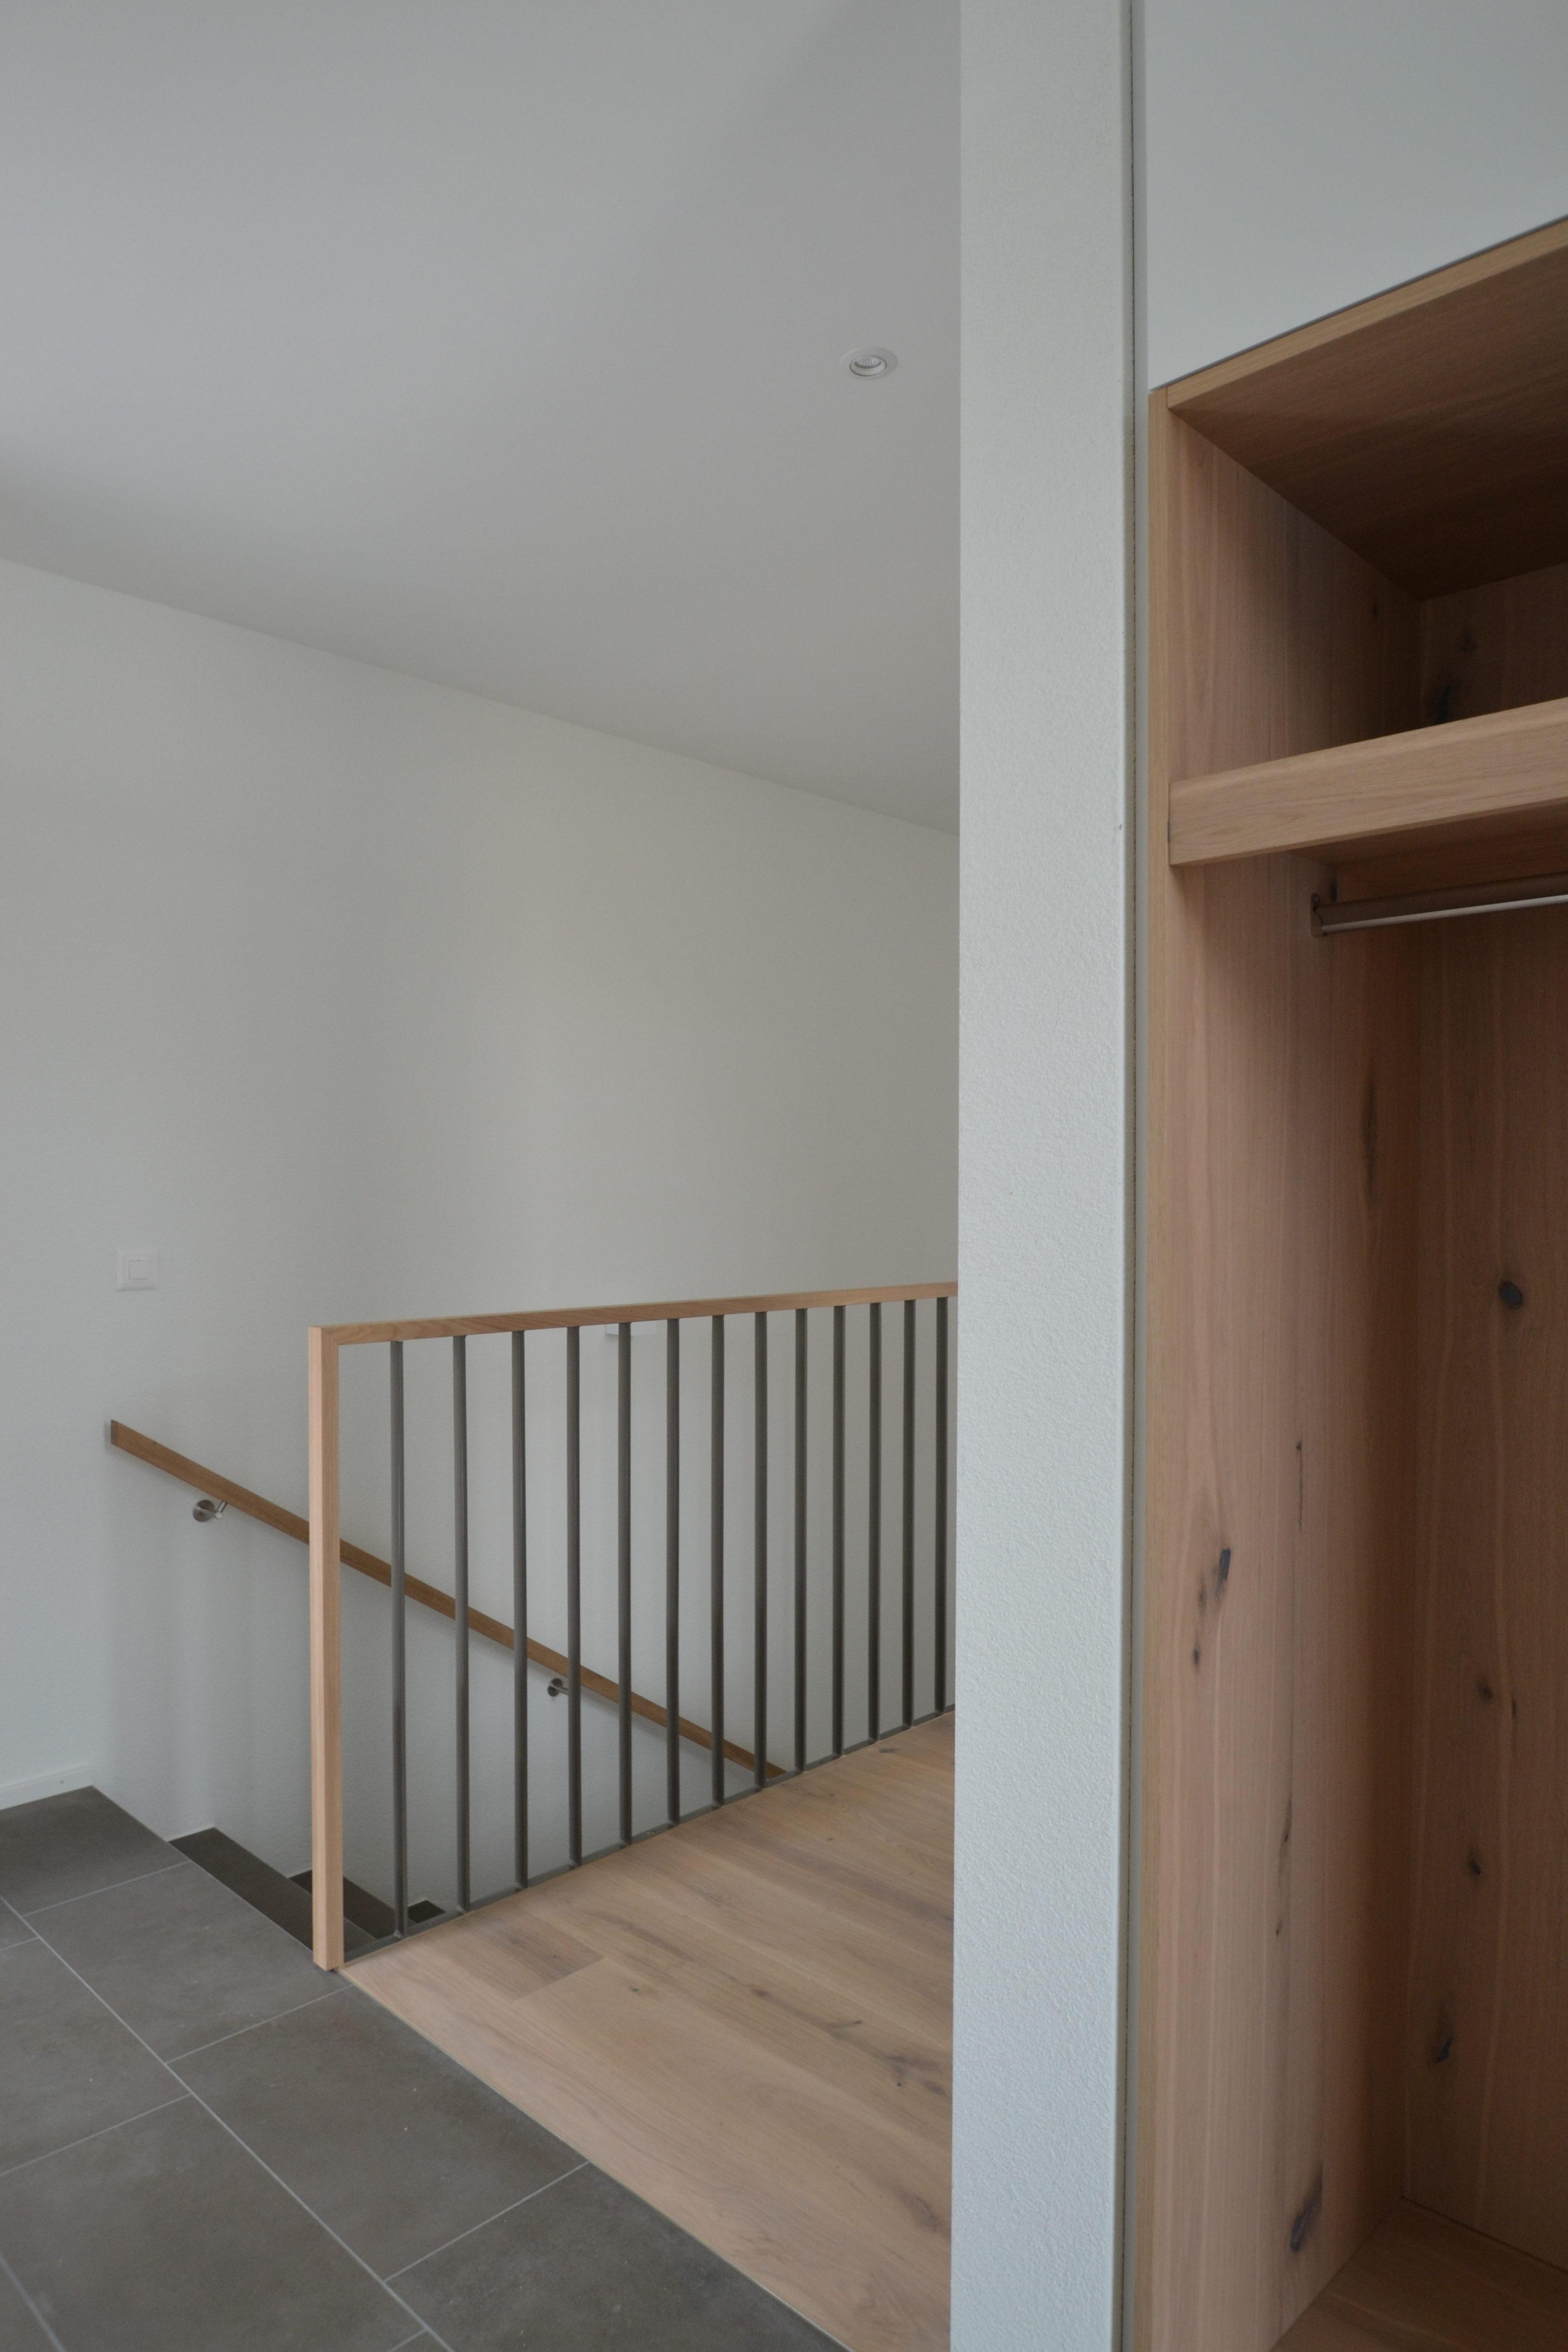 EFH-Obermettlen 1-Uetliburg--MO-Architektur-Uznach-Linthgebiet-Ostschweiz-4758